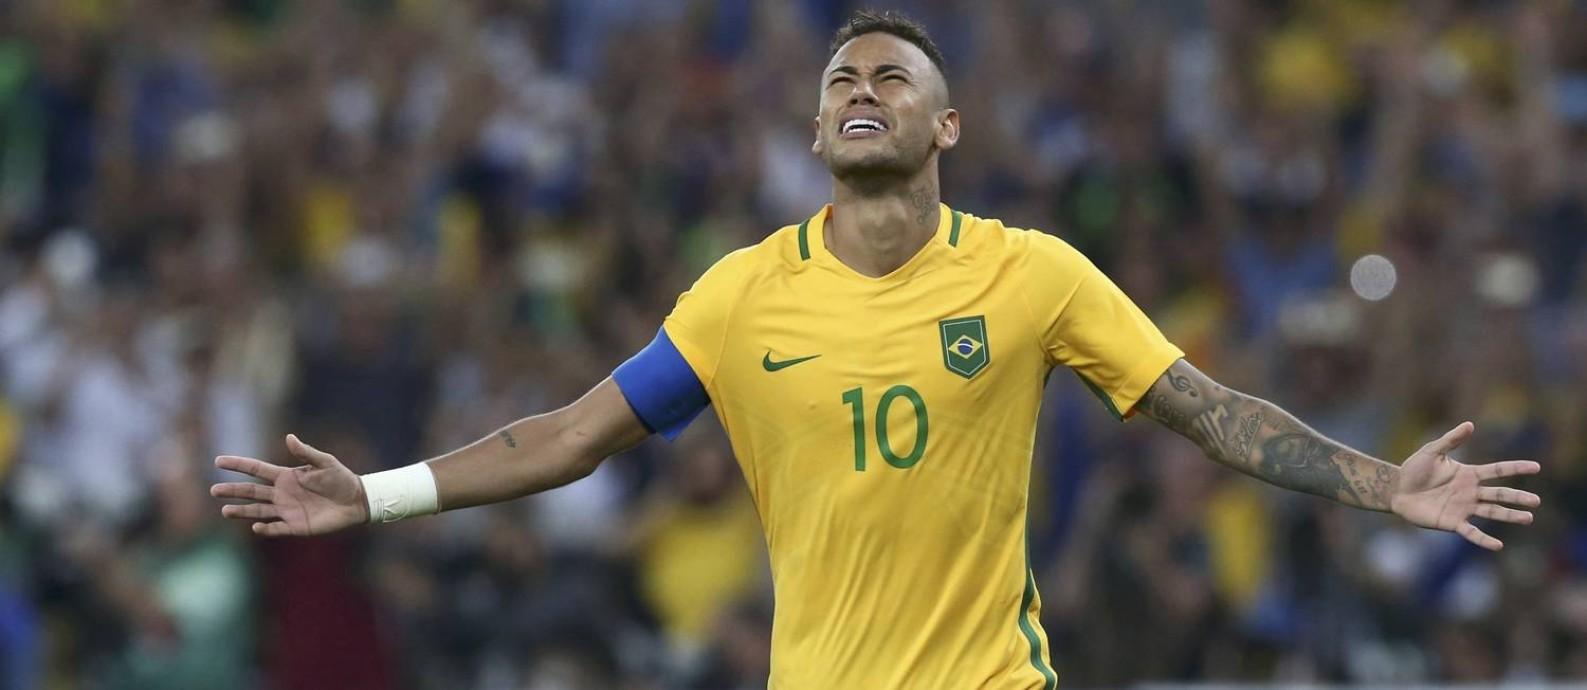 Neymar fecha os olhos e comemora o gol decisivo que marcou nas cobranças de  pênalti contra b2903763492a9